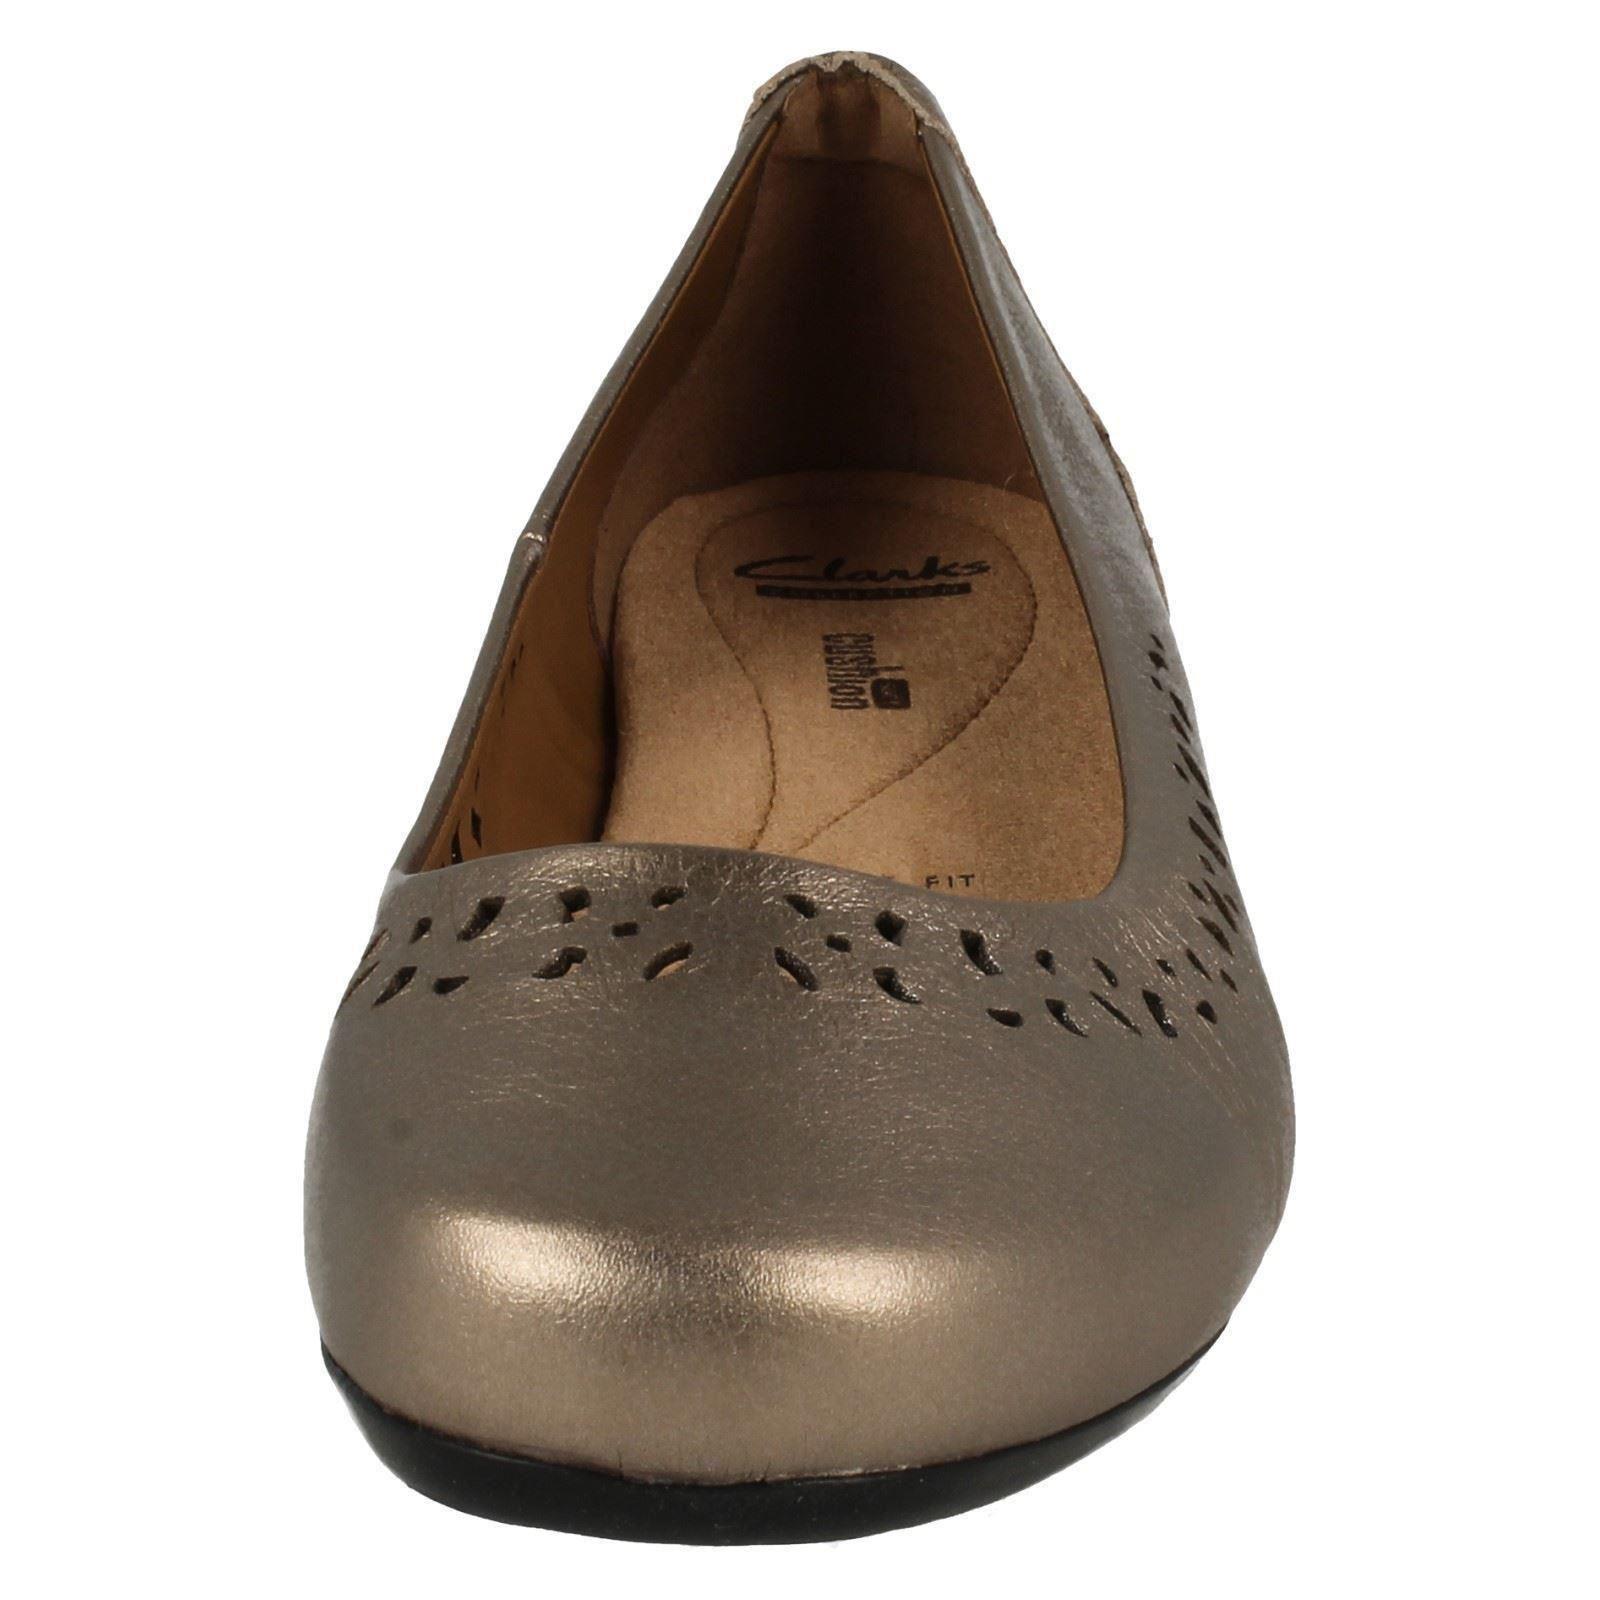 Damas Clarks Cojín Suave Cordones Casuales Zapatos el estilo-Blanche Garryn